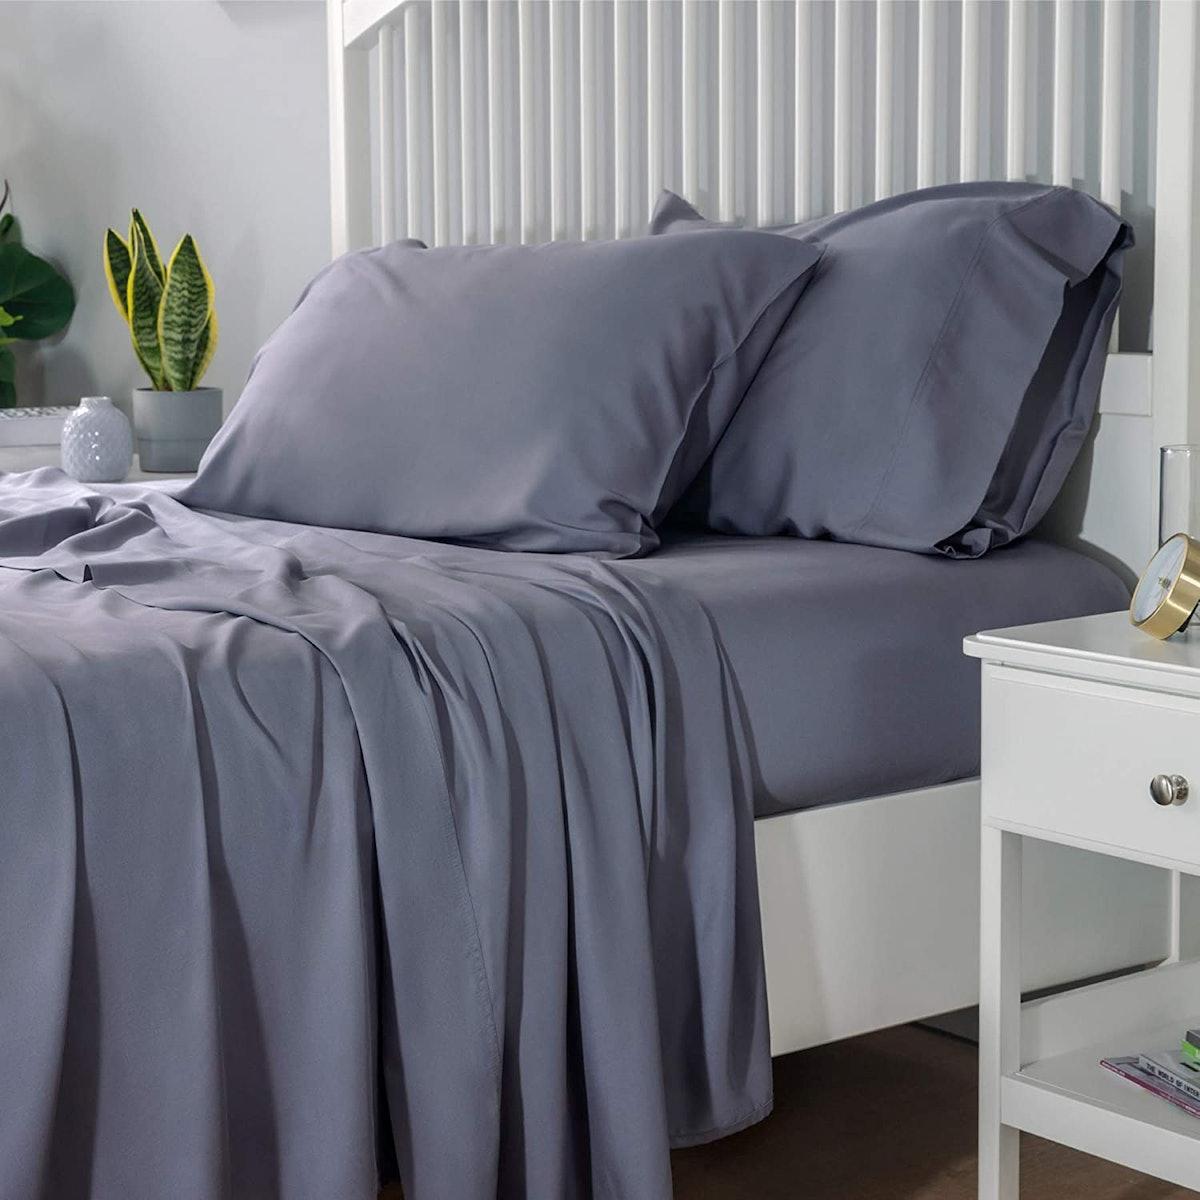 Bedsure Bamboo Sheets Set (3 Piece)